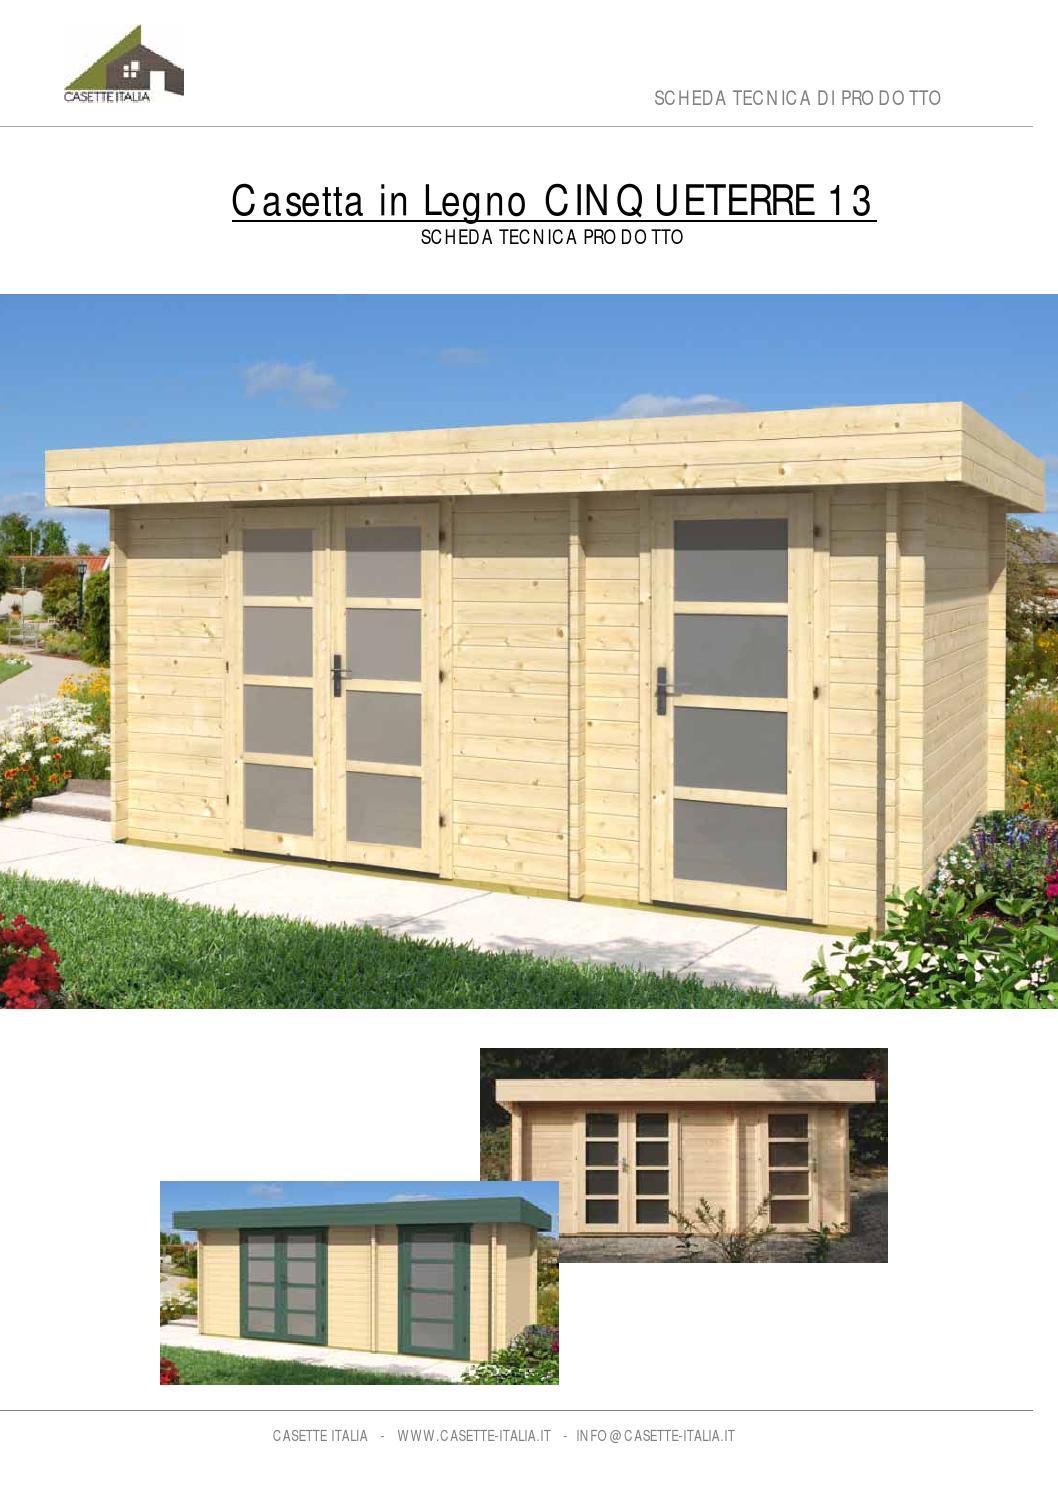 Scheda prodotto casetta cinqueterre 13 by casette legno - Scheda tecnica finestra ...